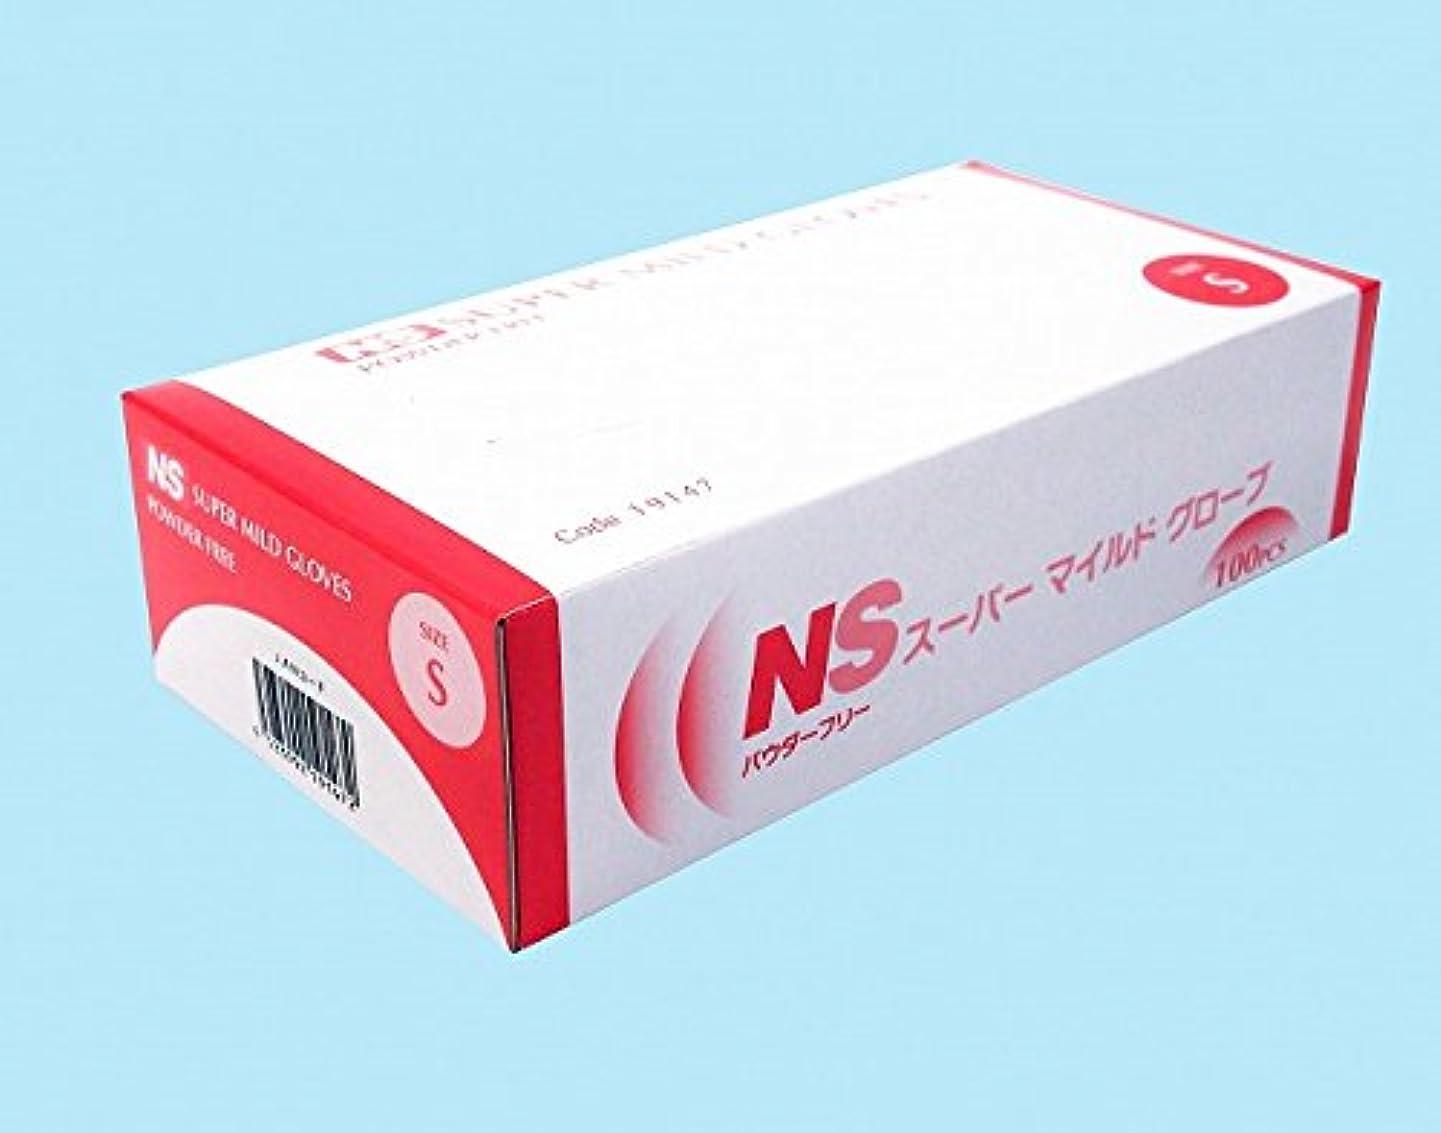 お肉価格リゾート【日昭産業】NS スーパーマイルド プラスチック手袋 パウダーフリー S 100枚入り